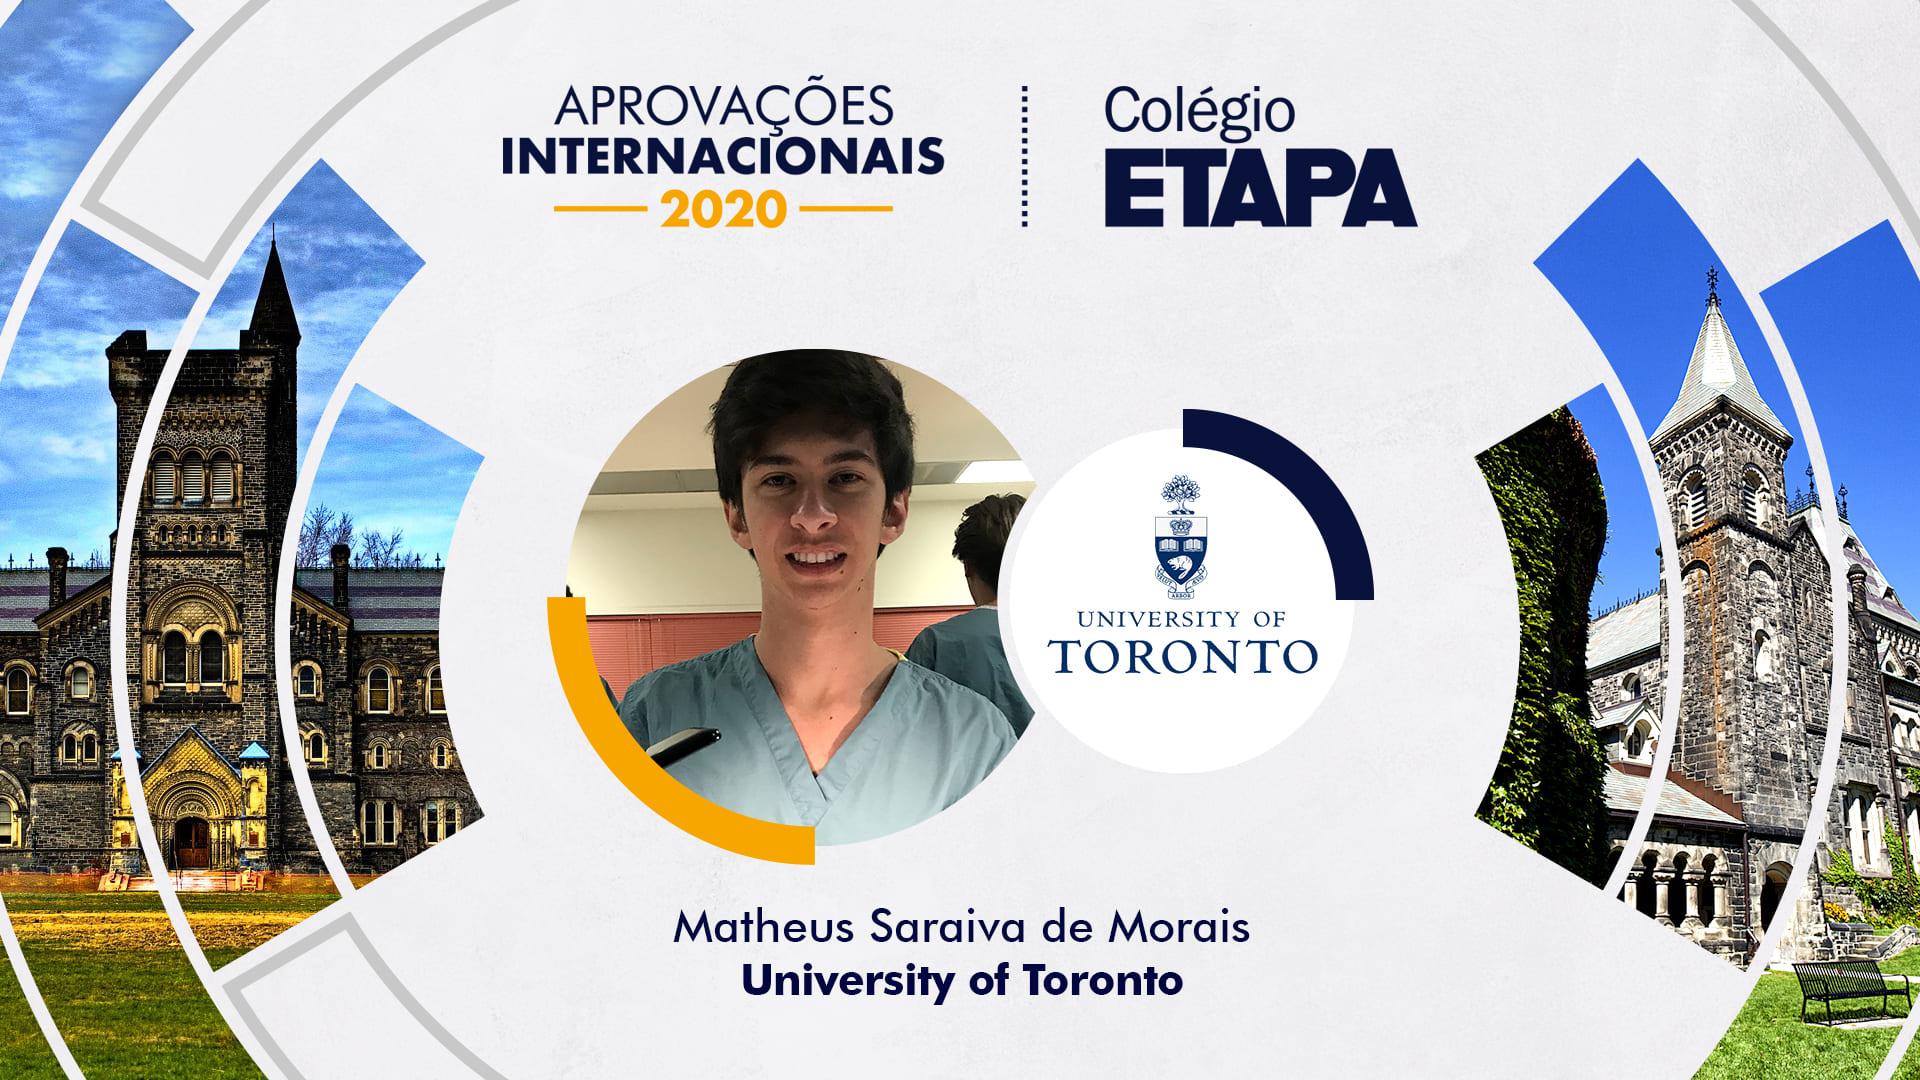 Aprovações Internacionais 2020: Matheus Saraiva de Morais